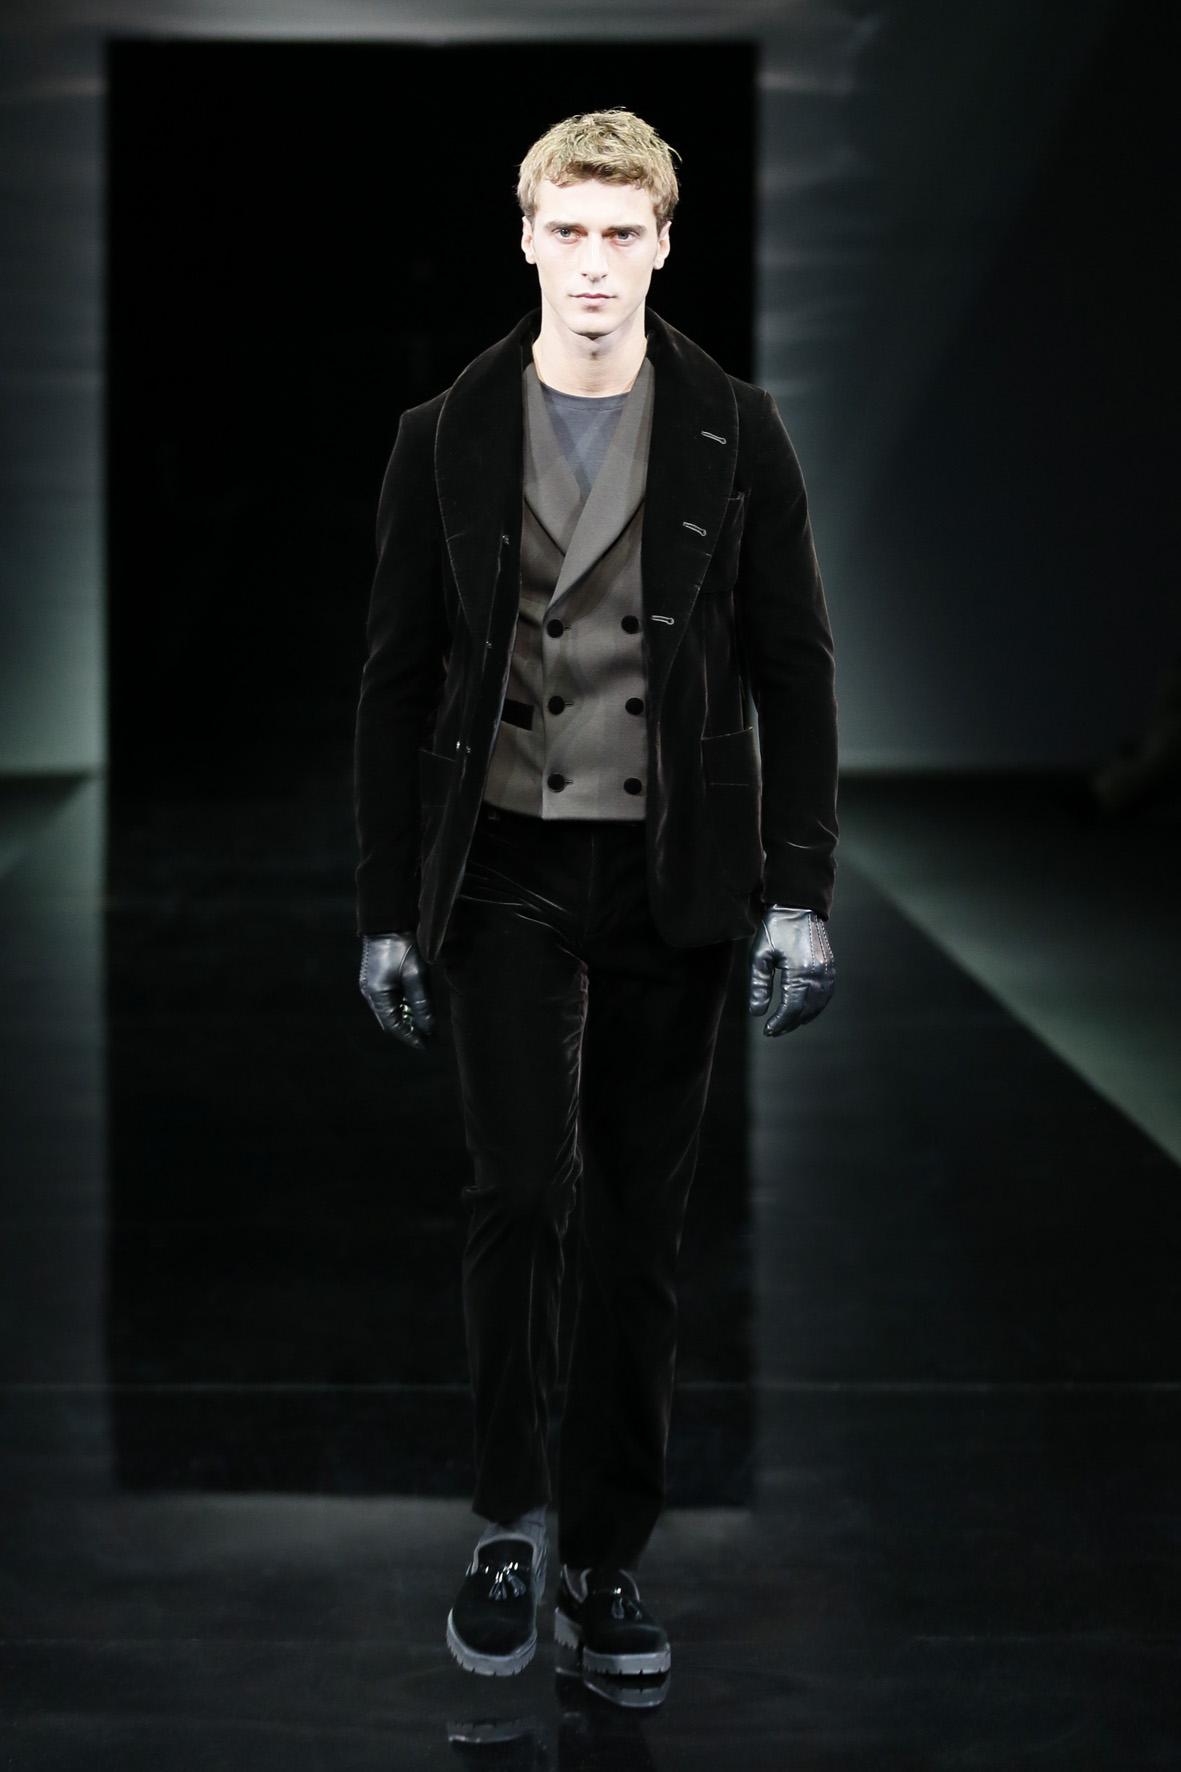 giorgio-armani-menswear-fw1415-9